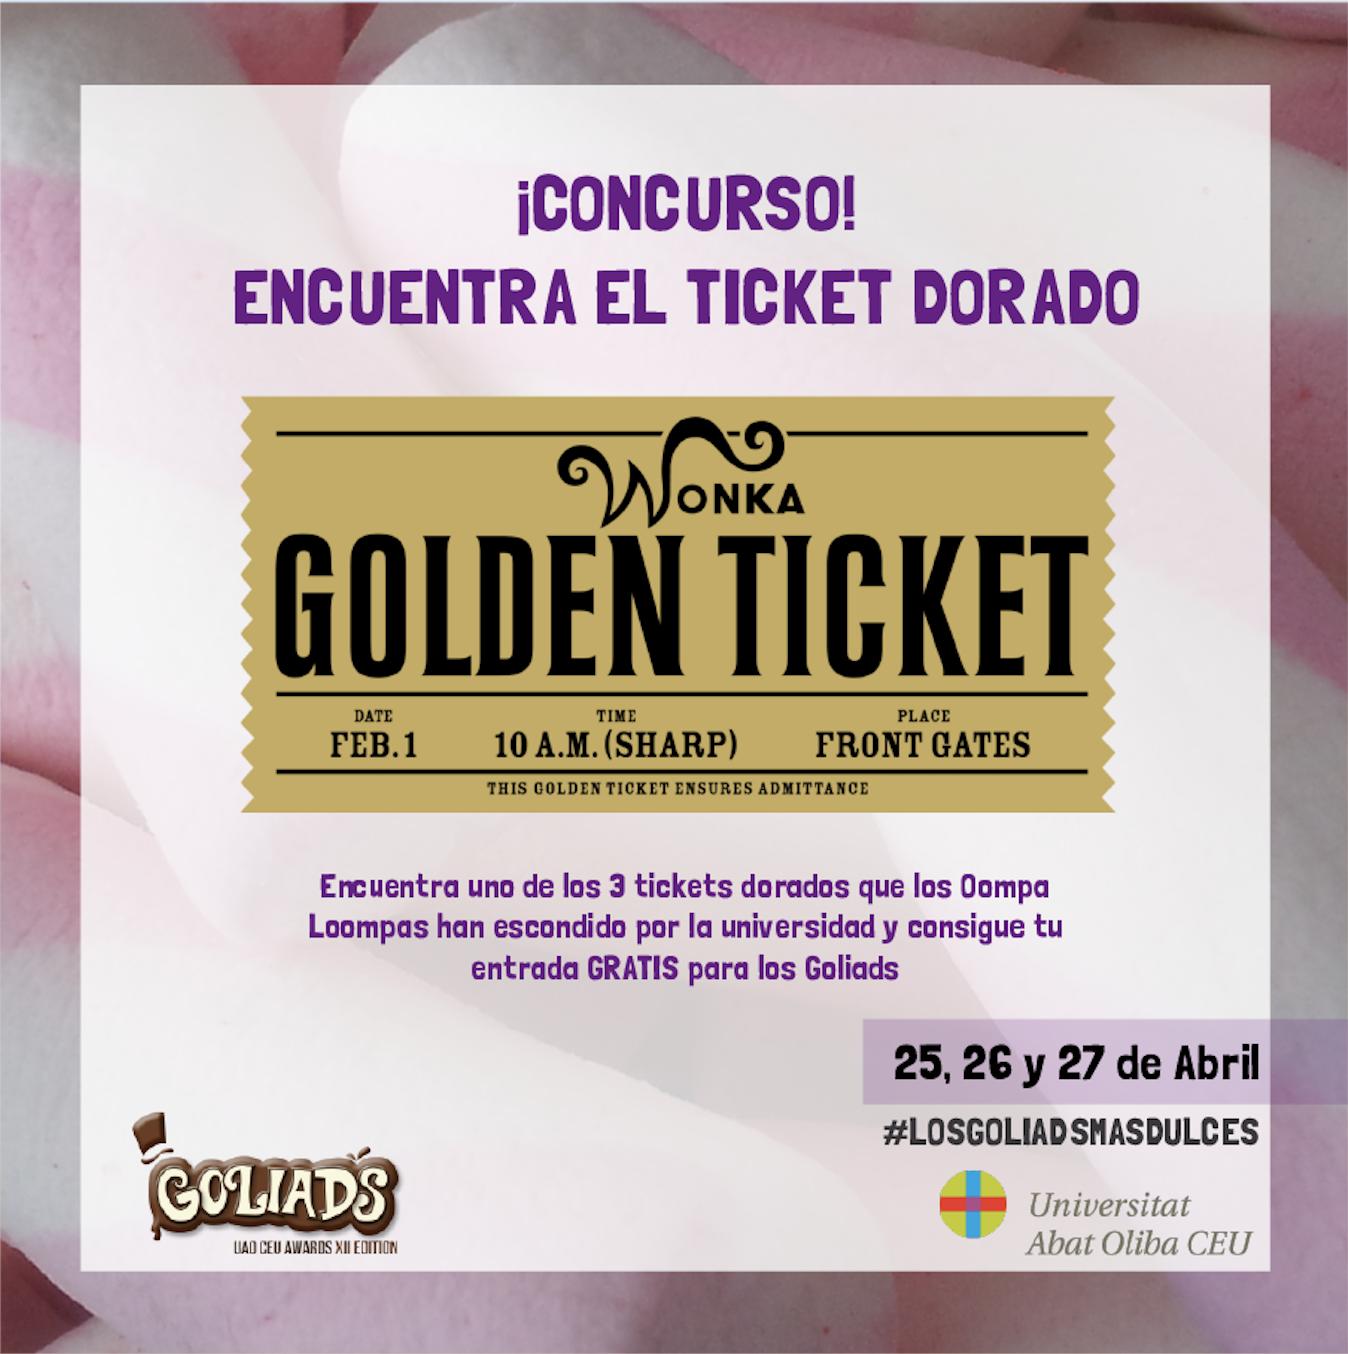 ¡Encuentra el ticket dorado!